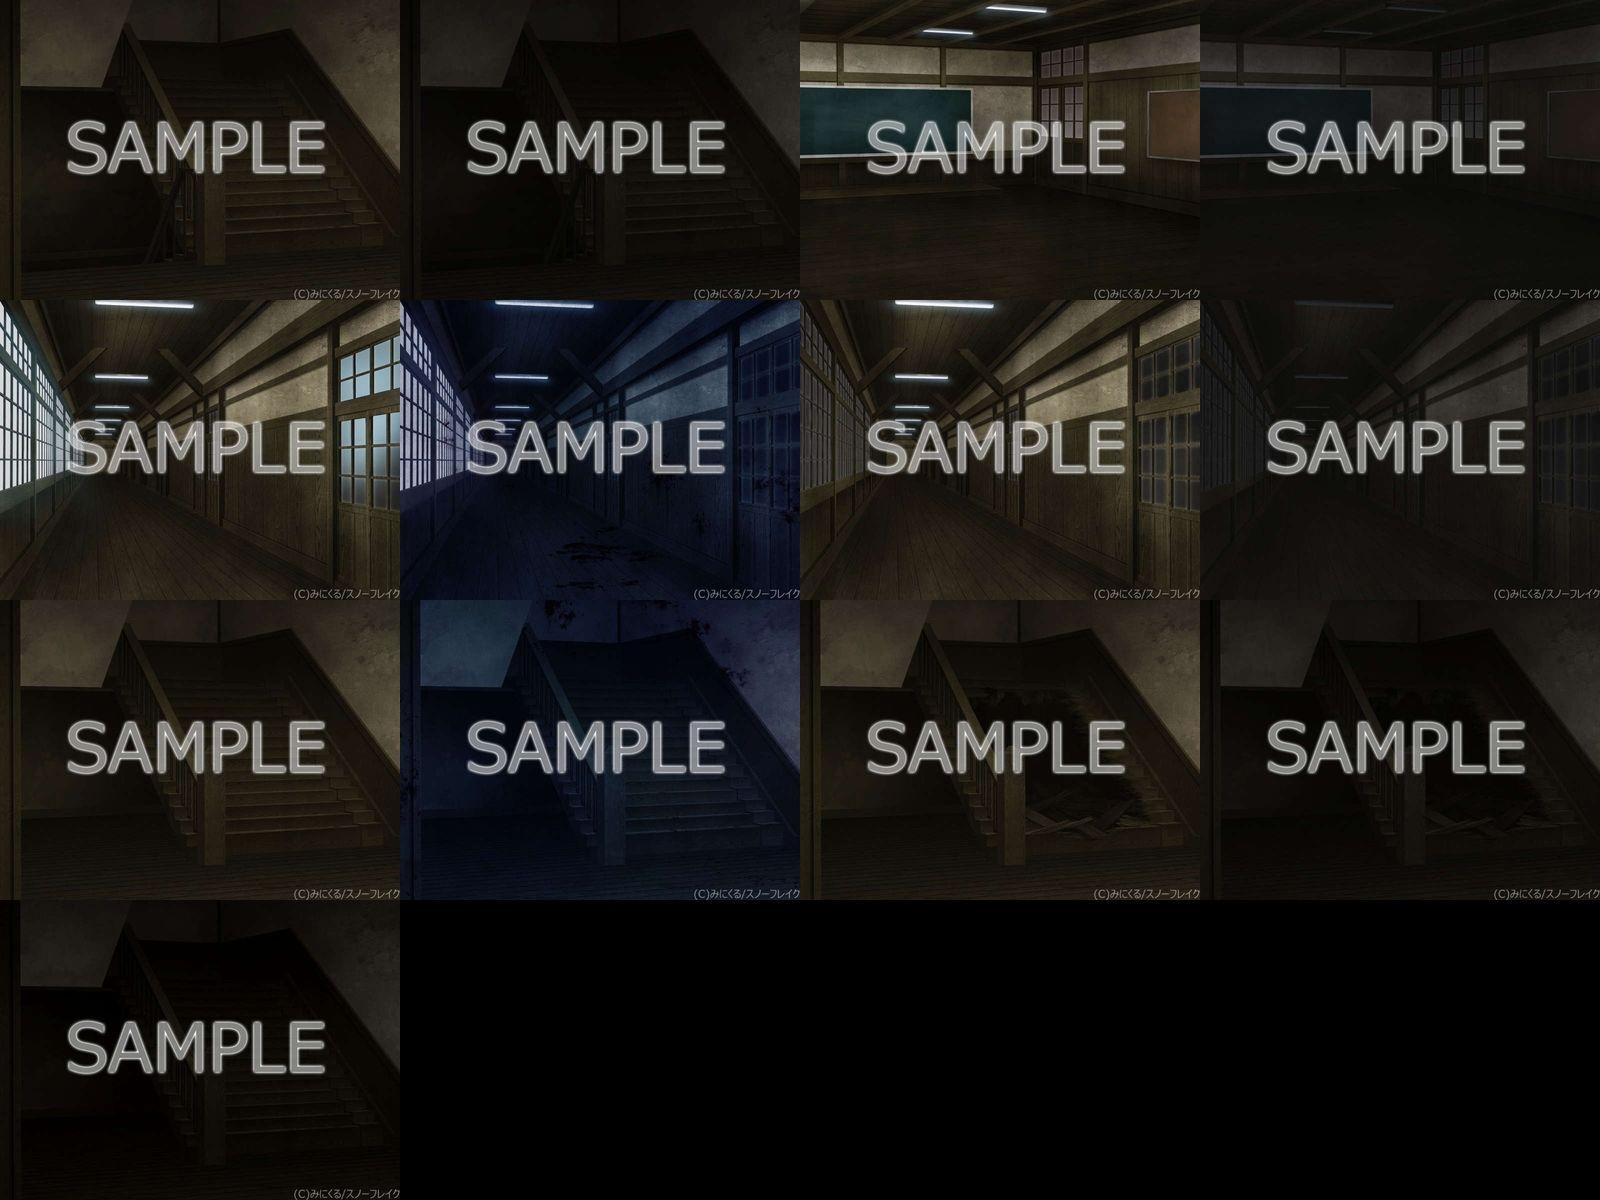 みにくる背景CG素材集『旧校舎・ホラー編』part01のサンプル画像7